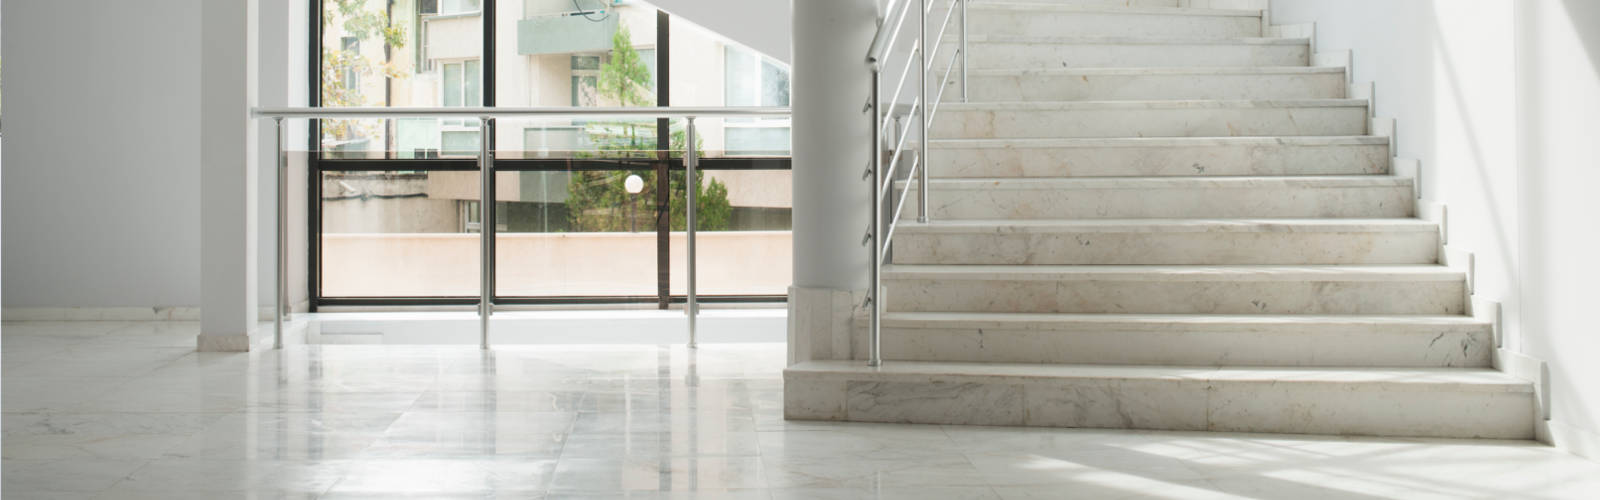 Unser Reinigungservice - Treppenhausreinigung